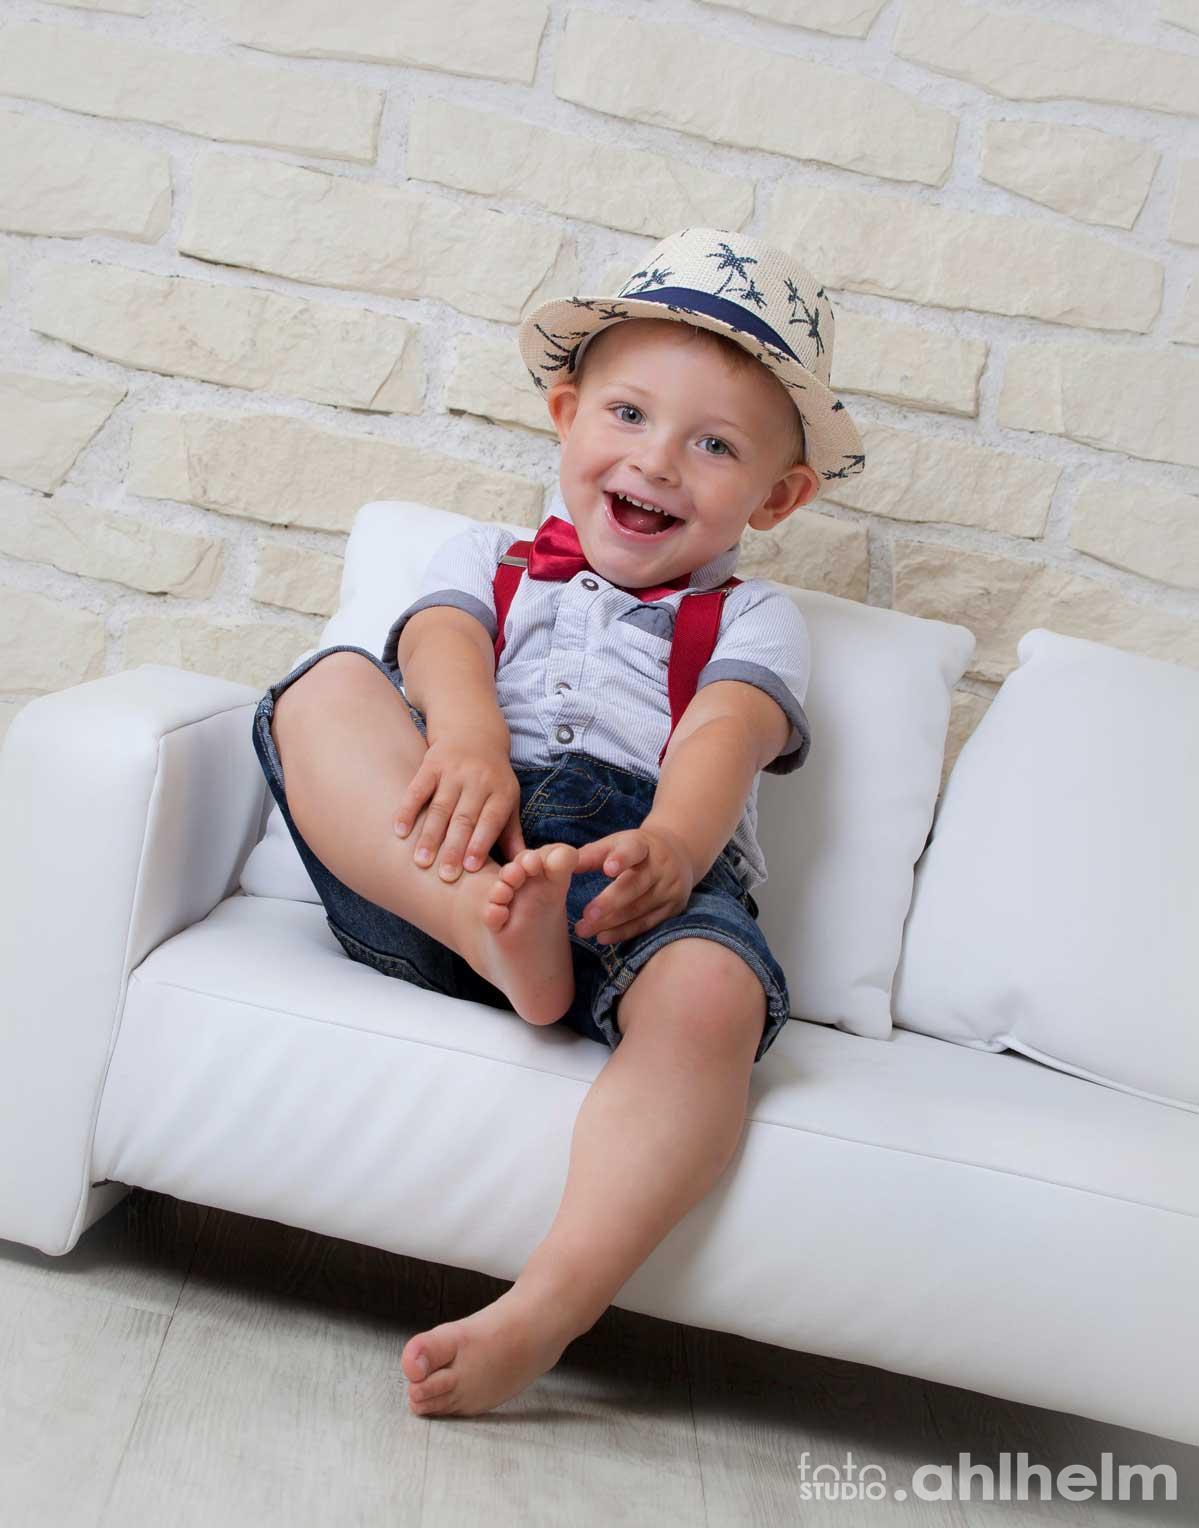 Fotostudio Ahlhelm Kinder lustiger Junge mit Hut